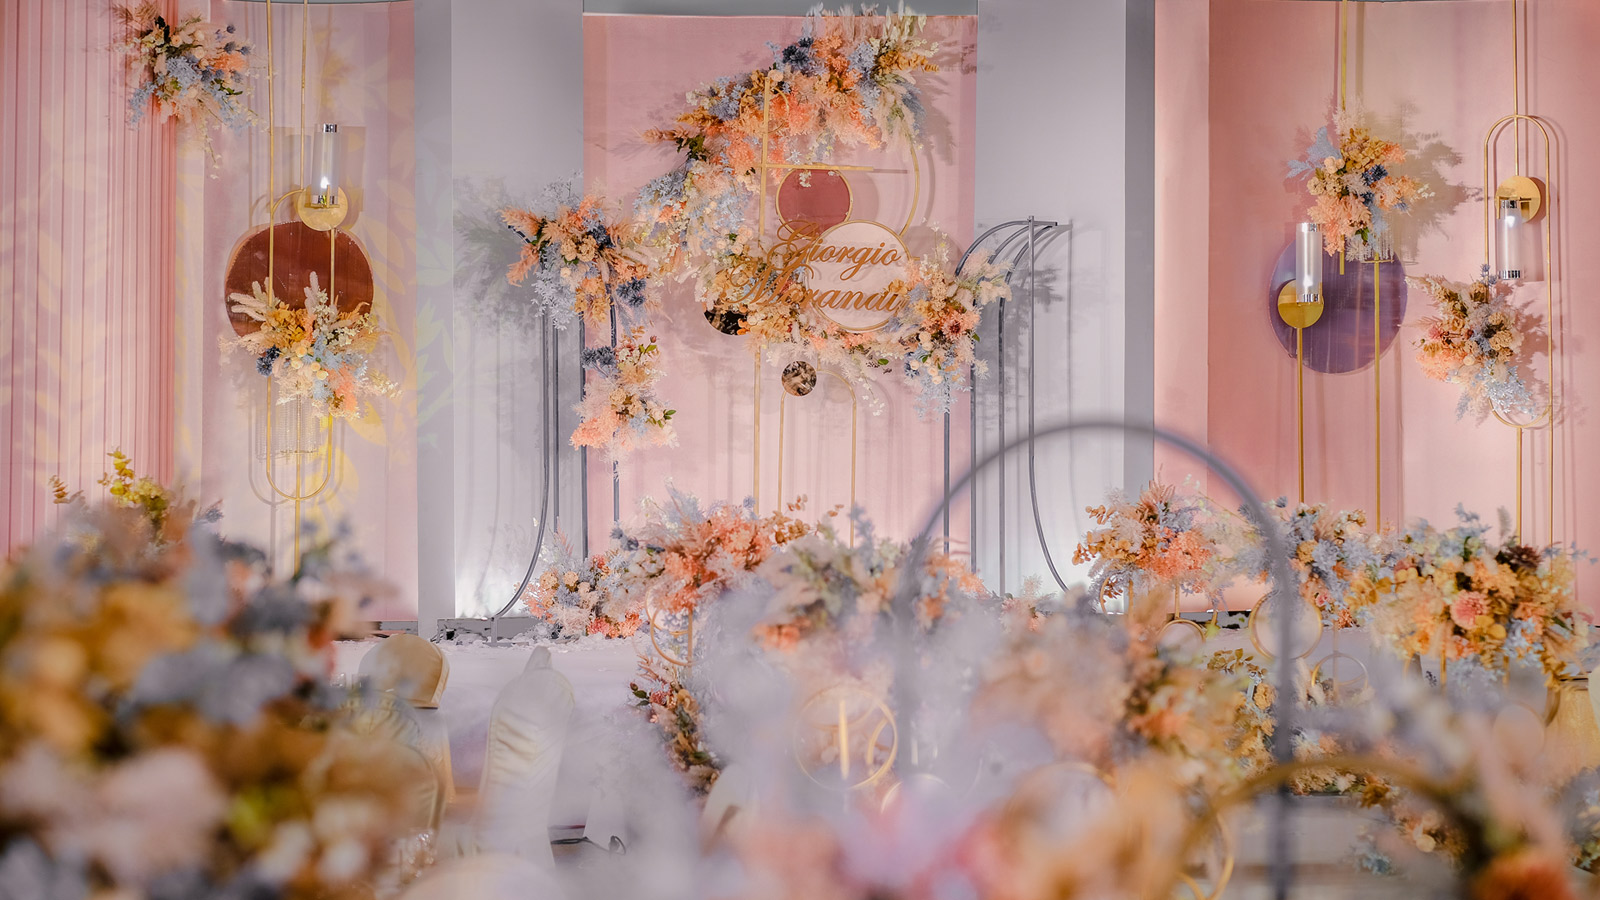 芜湖县婚礼策划方案:莫兰迪爱情哲学